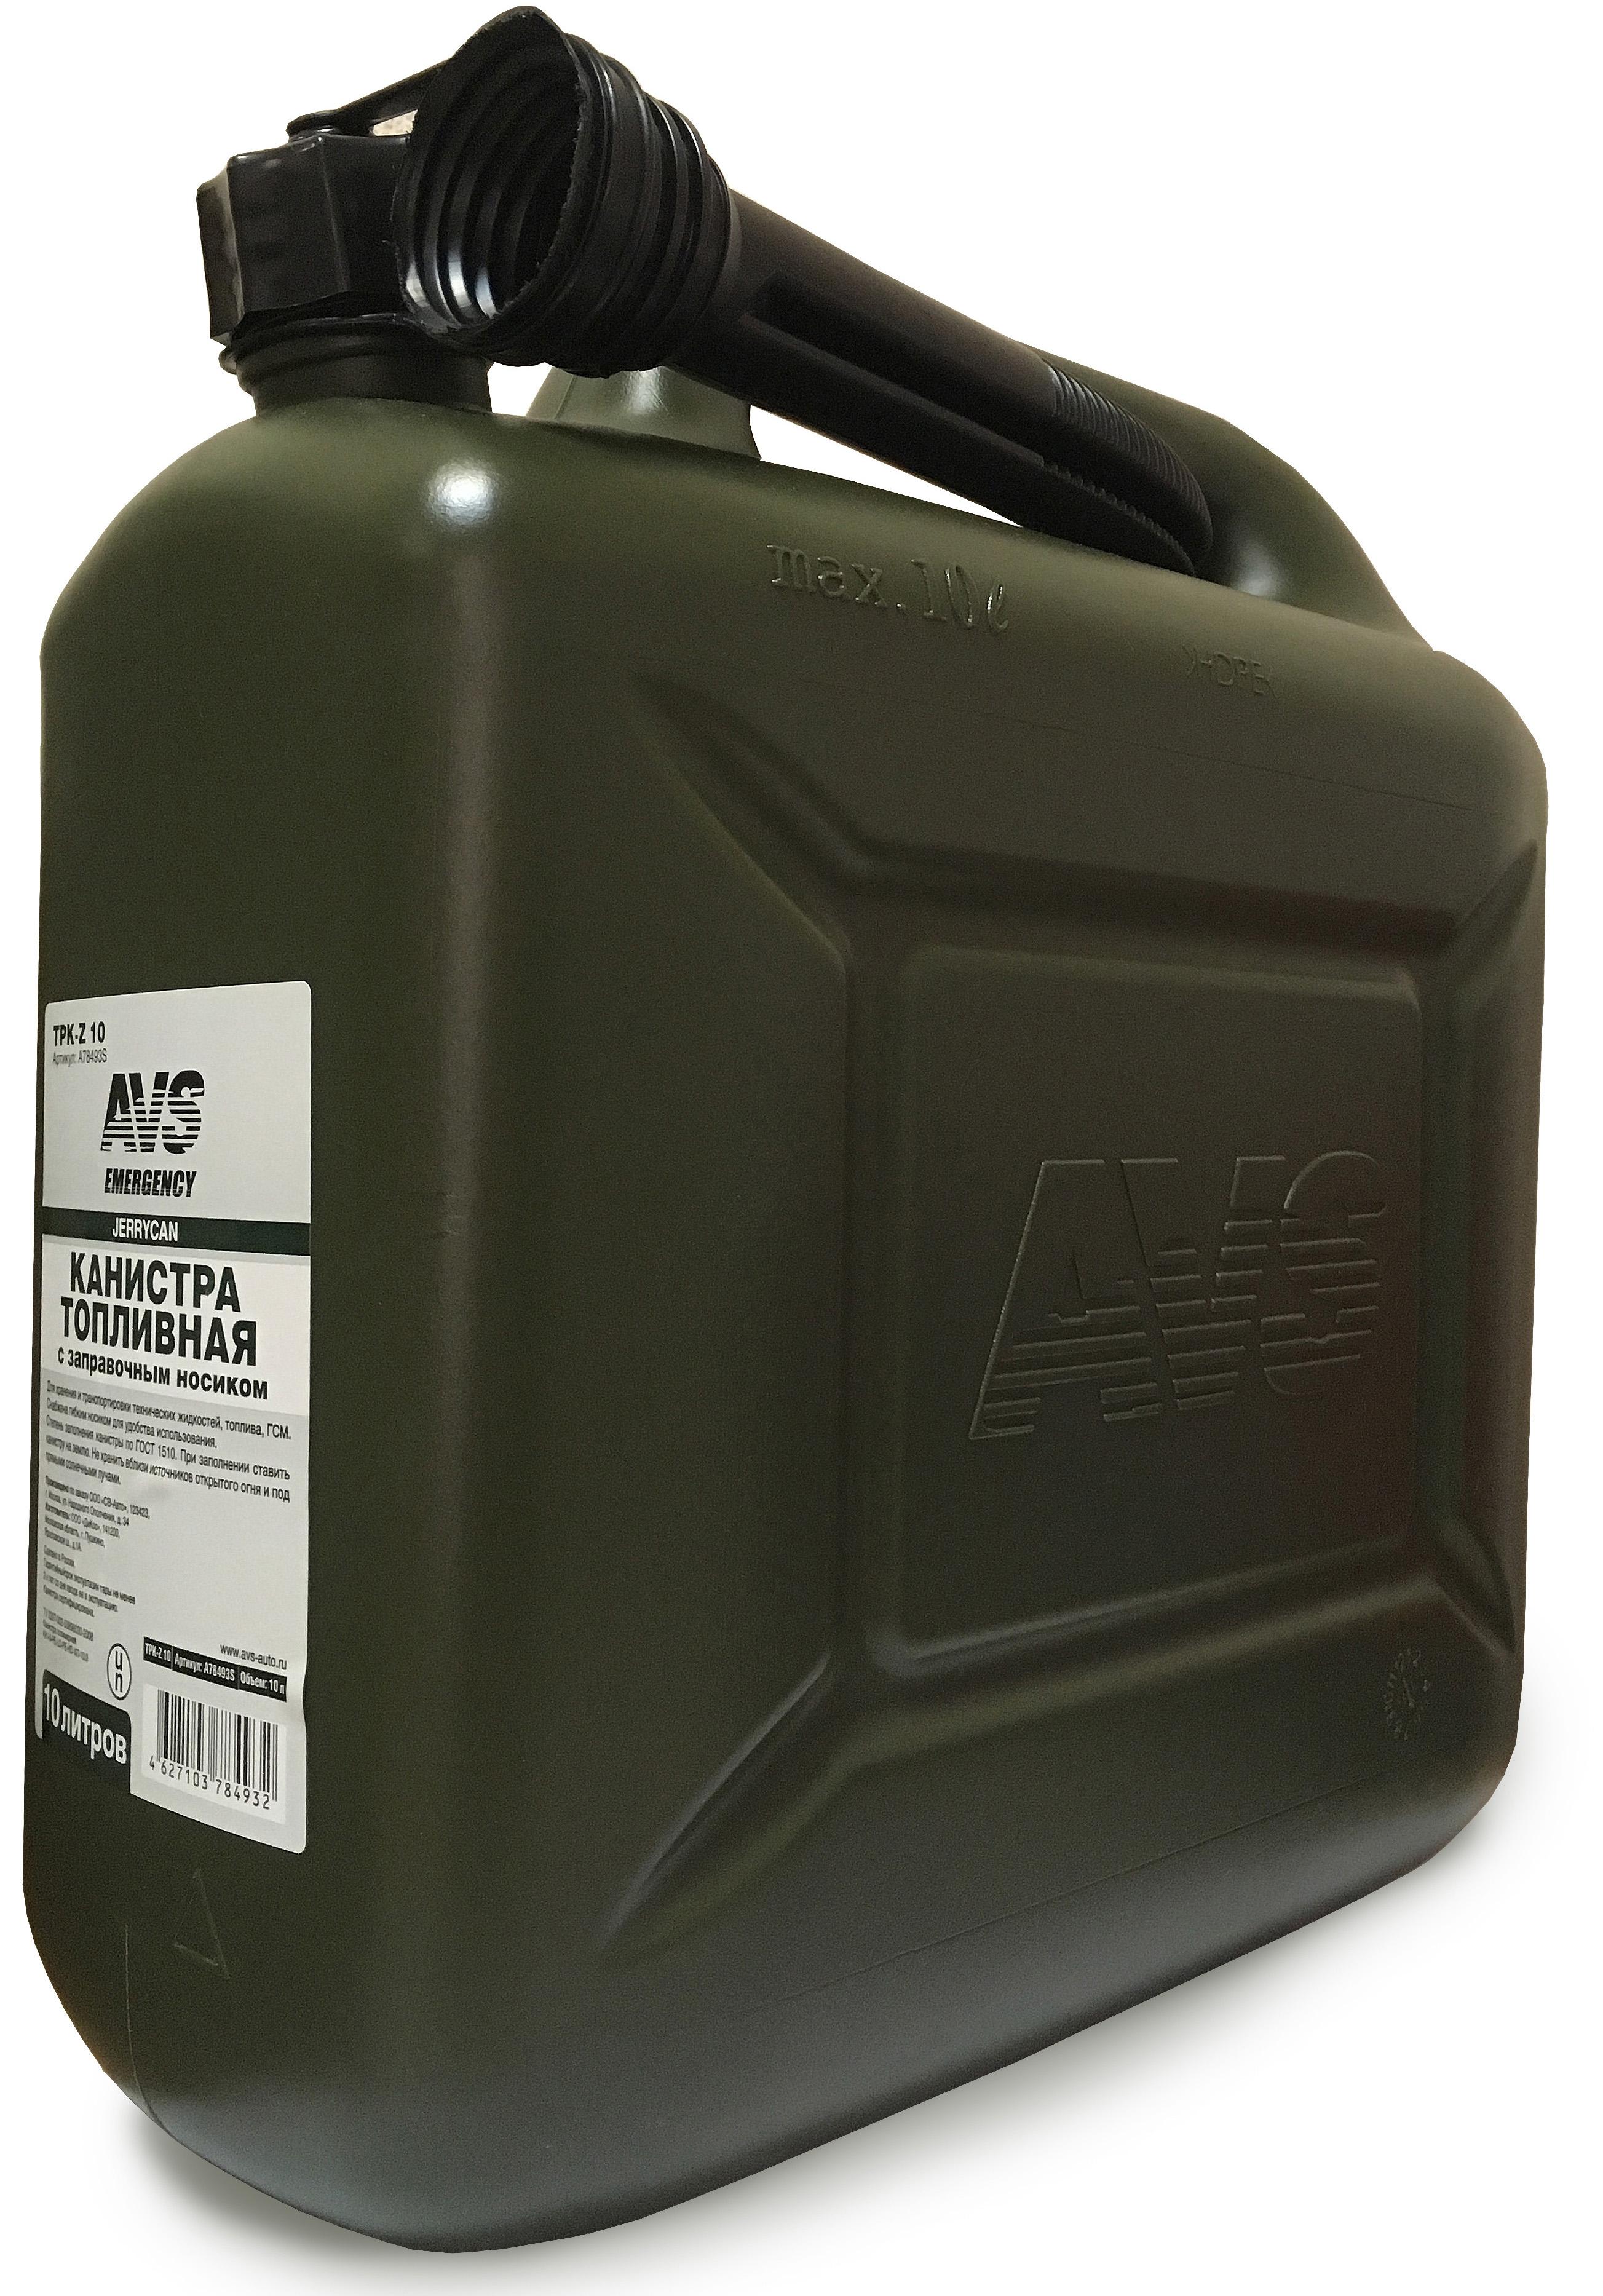 Канистра топливная AVS, цвет: темно-зеленый, 10 лA78493SКанистры пригодны для бензина и масла, не накапливают статистический заряд.